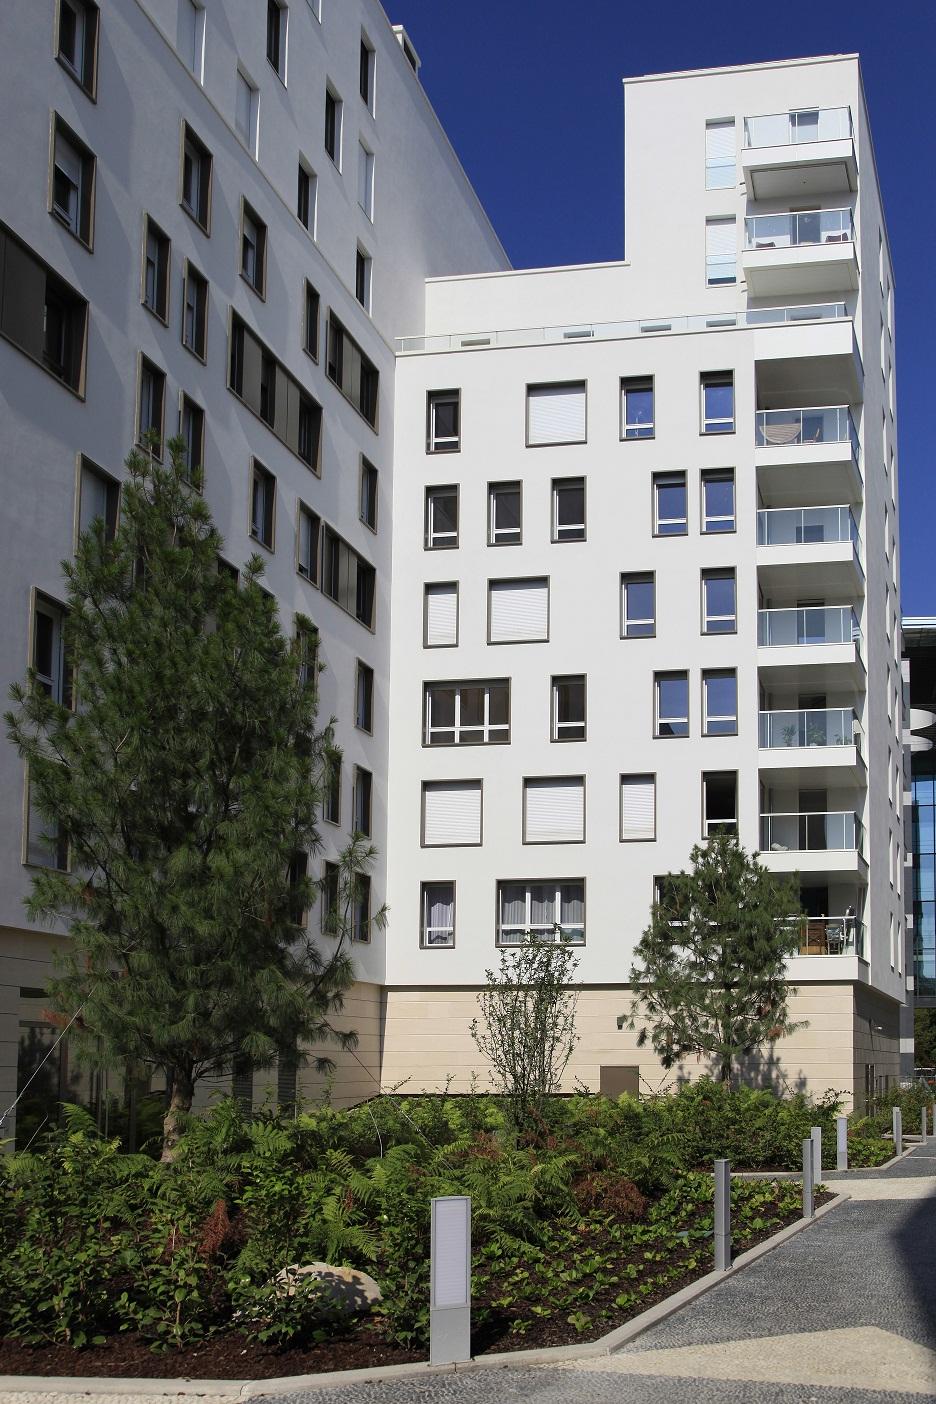 issy-moulineaux-brenac-gonzales-logement-bbc